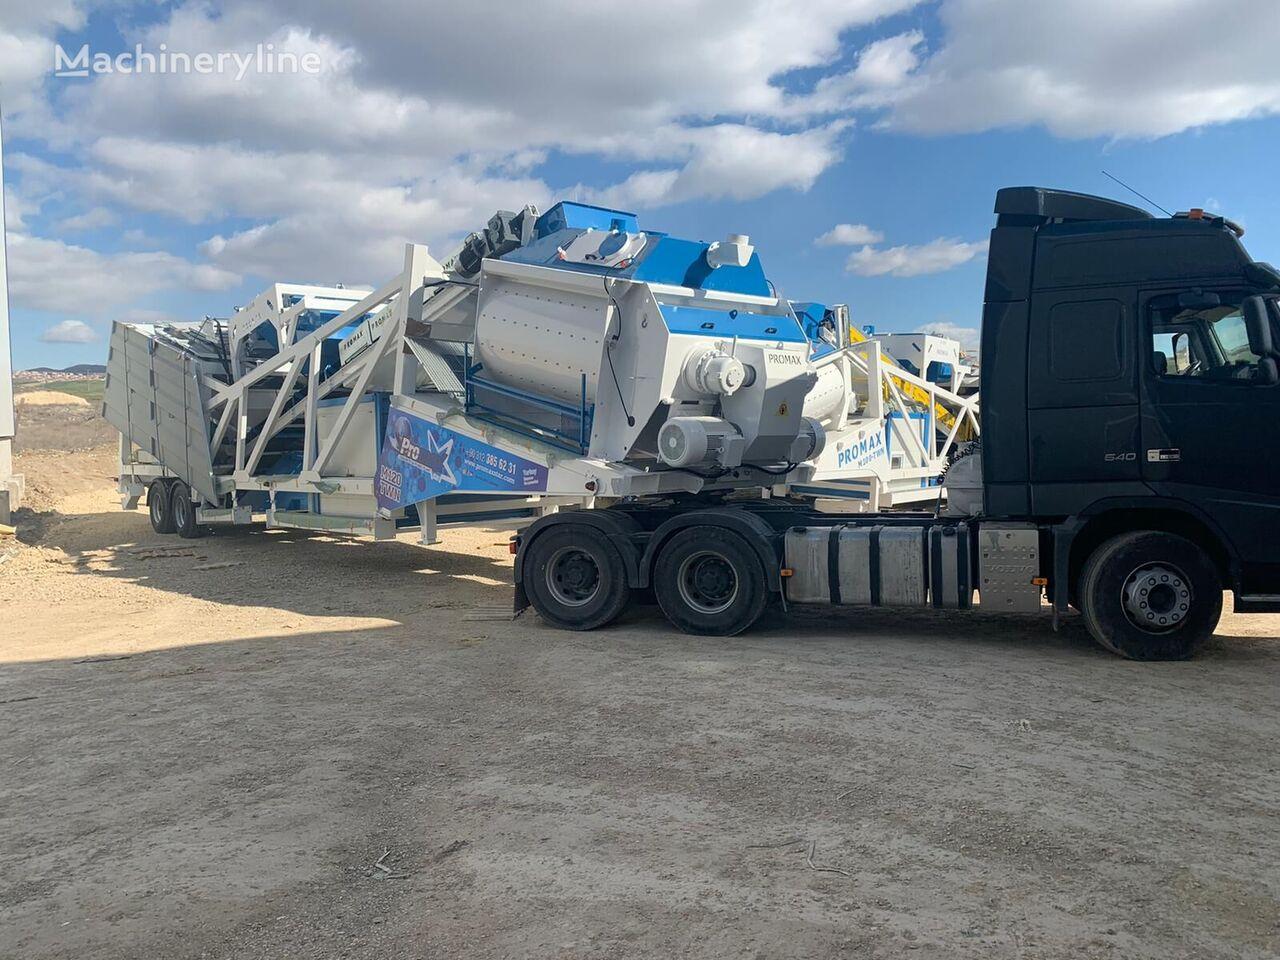 καινούριο εργοστάσιο σκυροδέματος PROMAX Mobile Concrete Batching Plant M120-TWN (120m3/h)